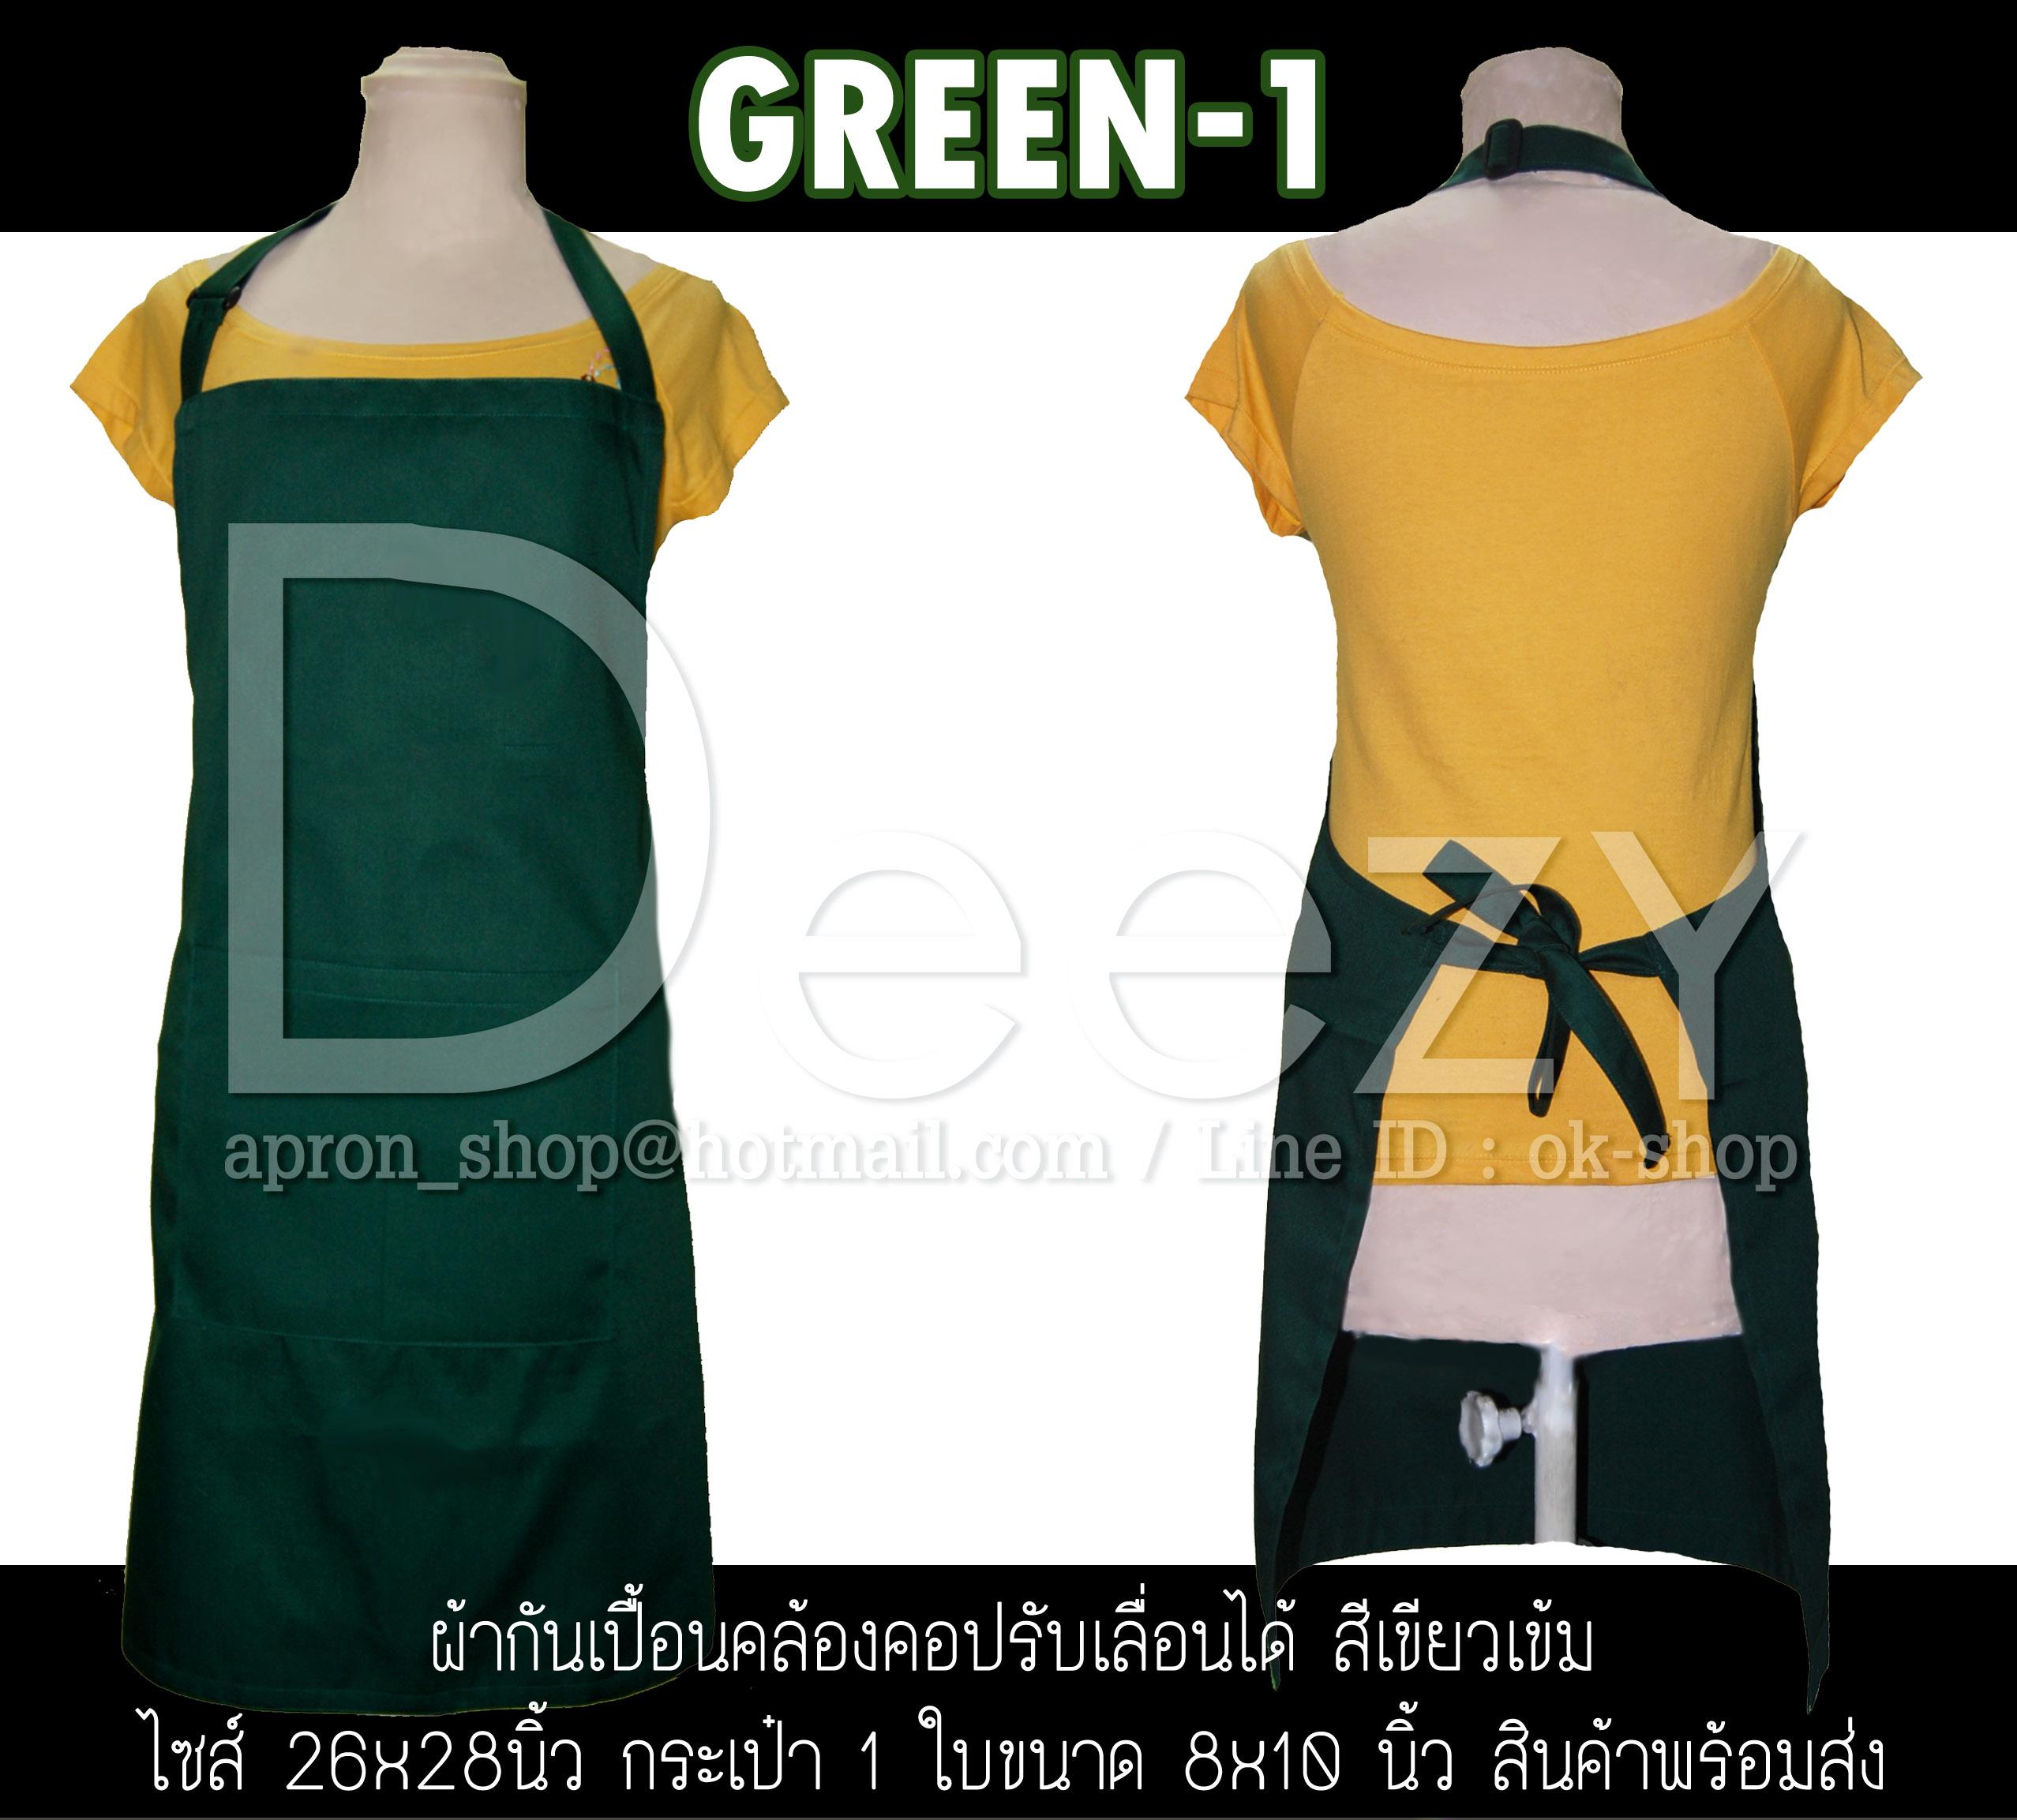 ผ้ากันเปื้อนคล้องคอ สีเขียวเข้ม 1 กระเป๋า